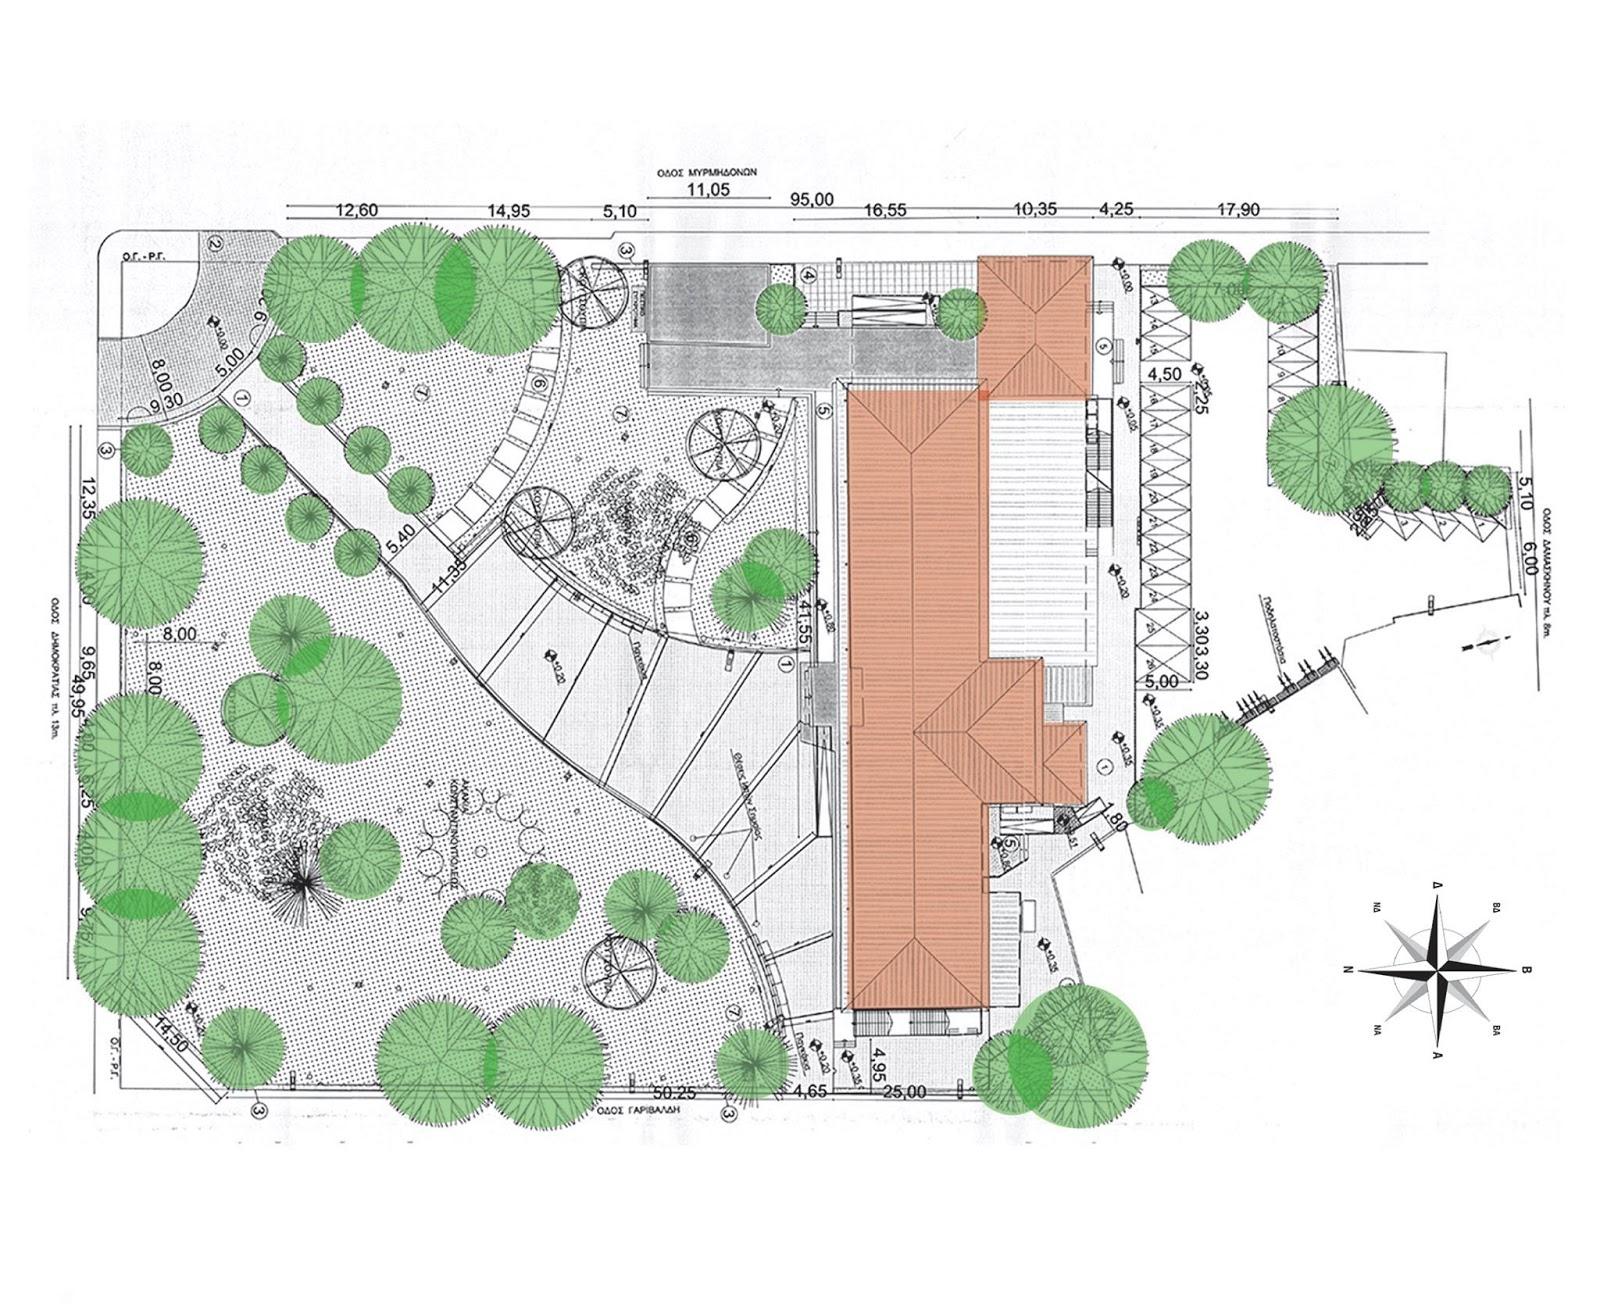 Εγκρίθηκε η ανάπλαση του αύλειου χώρου στο νέο Δημαρχείο Καρδίτσας